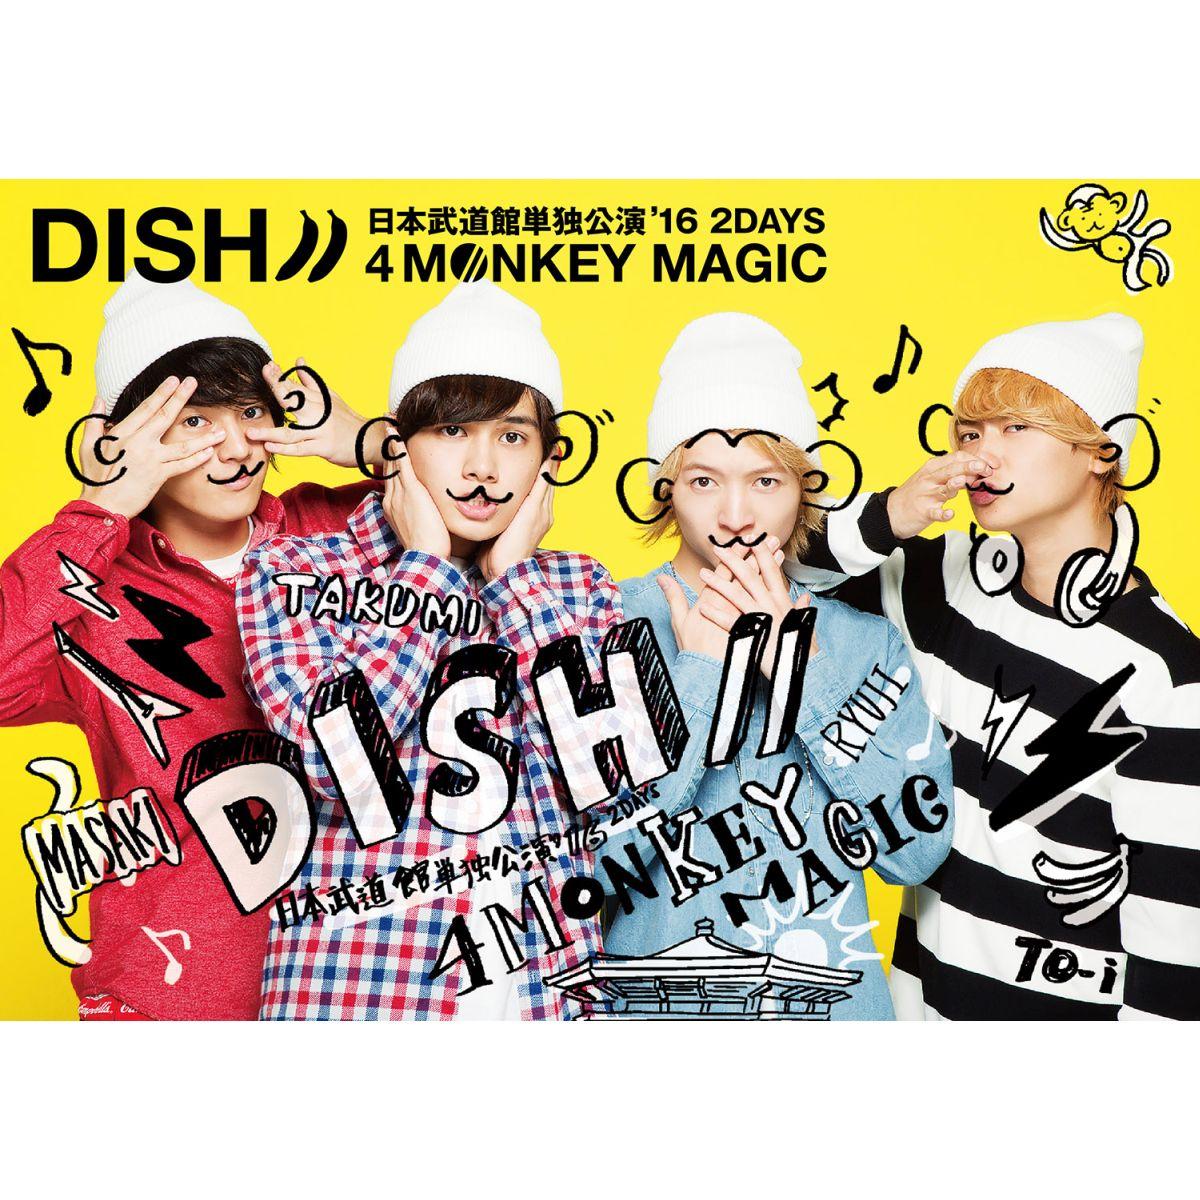 DISH// 日本武道館単独公演 '16 2DAYS 『4 MONKEY MAGIC』【初回仕様限定盤】画像